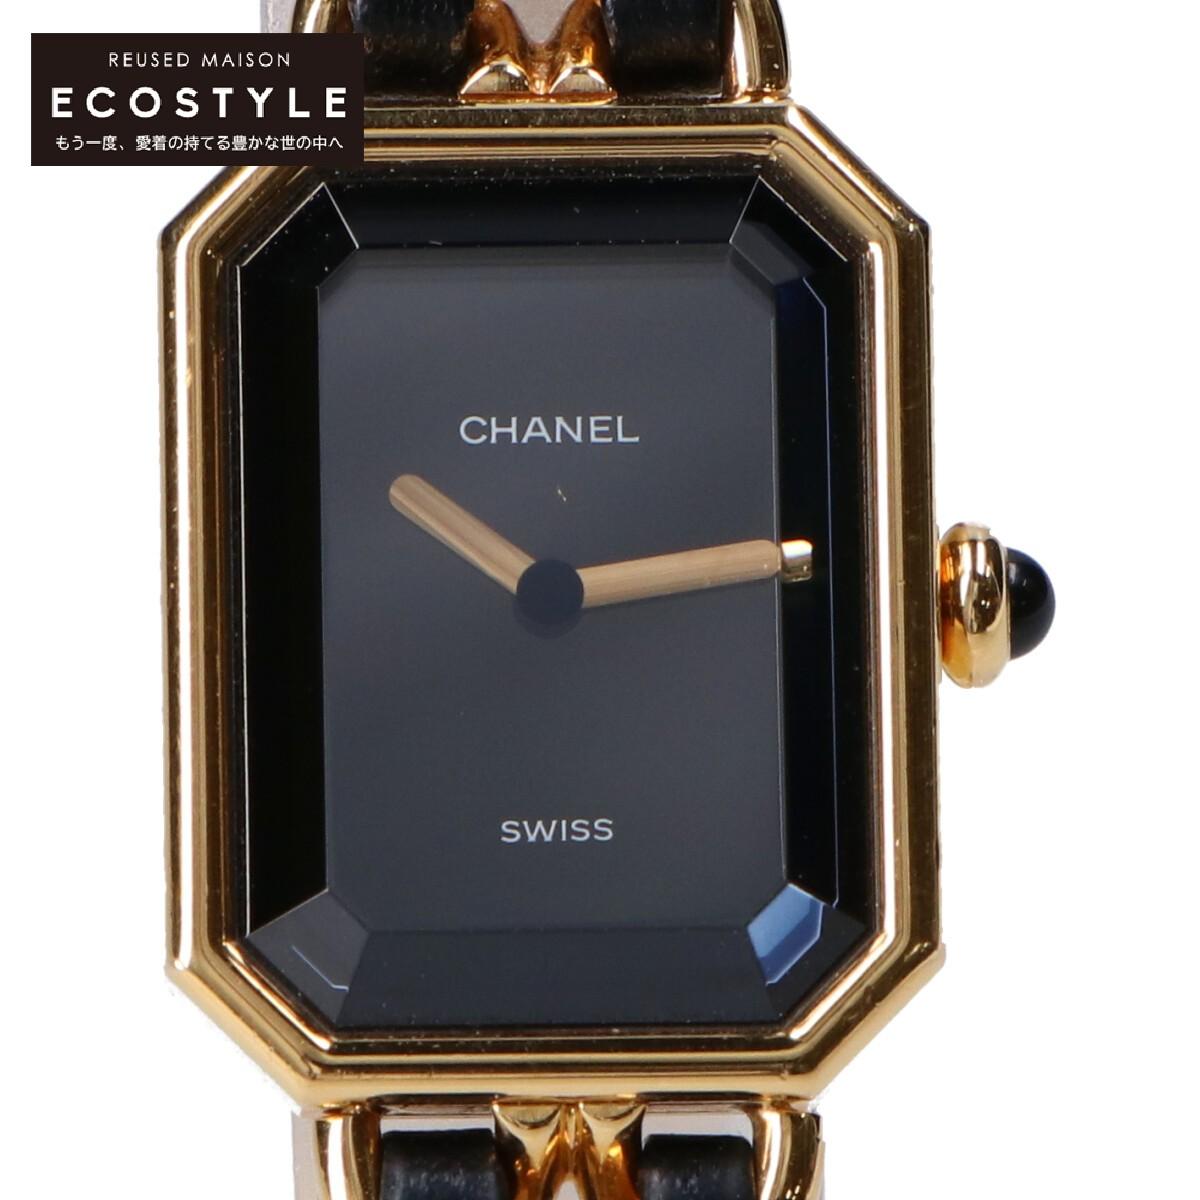 CHANEL シャネル PREMIEREプルミエール PLAQUE メーカー在庫限り品 OR G 20 M 品質検査済 中古 ブラック レディース メタル ゴールド 腕時計 レザーベルト